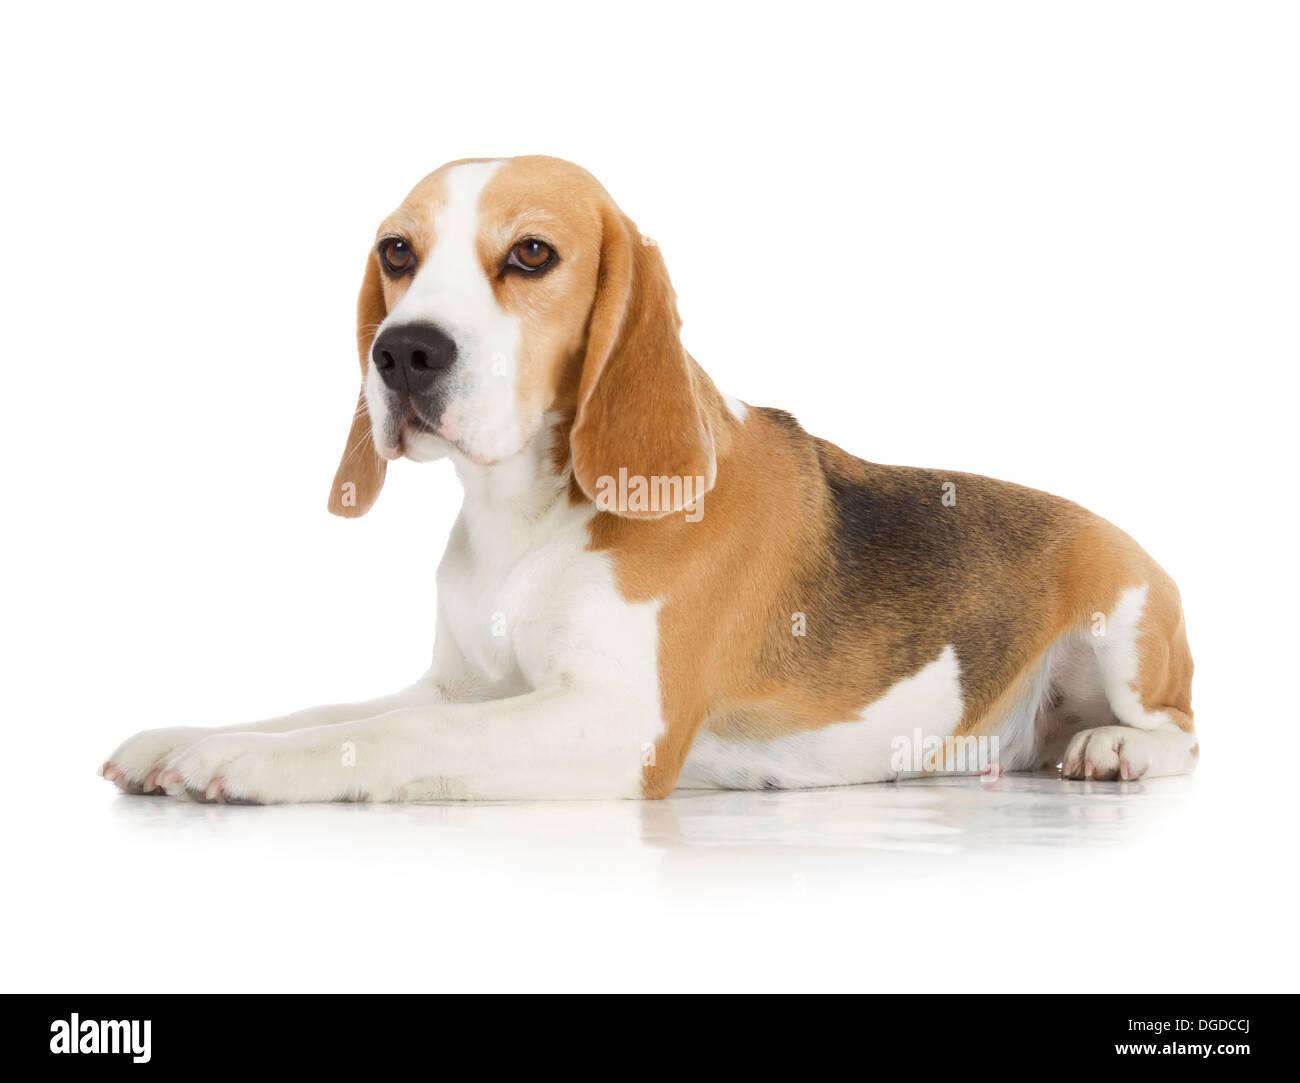 cute beagle dog isolated on white background - Stock Image